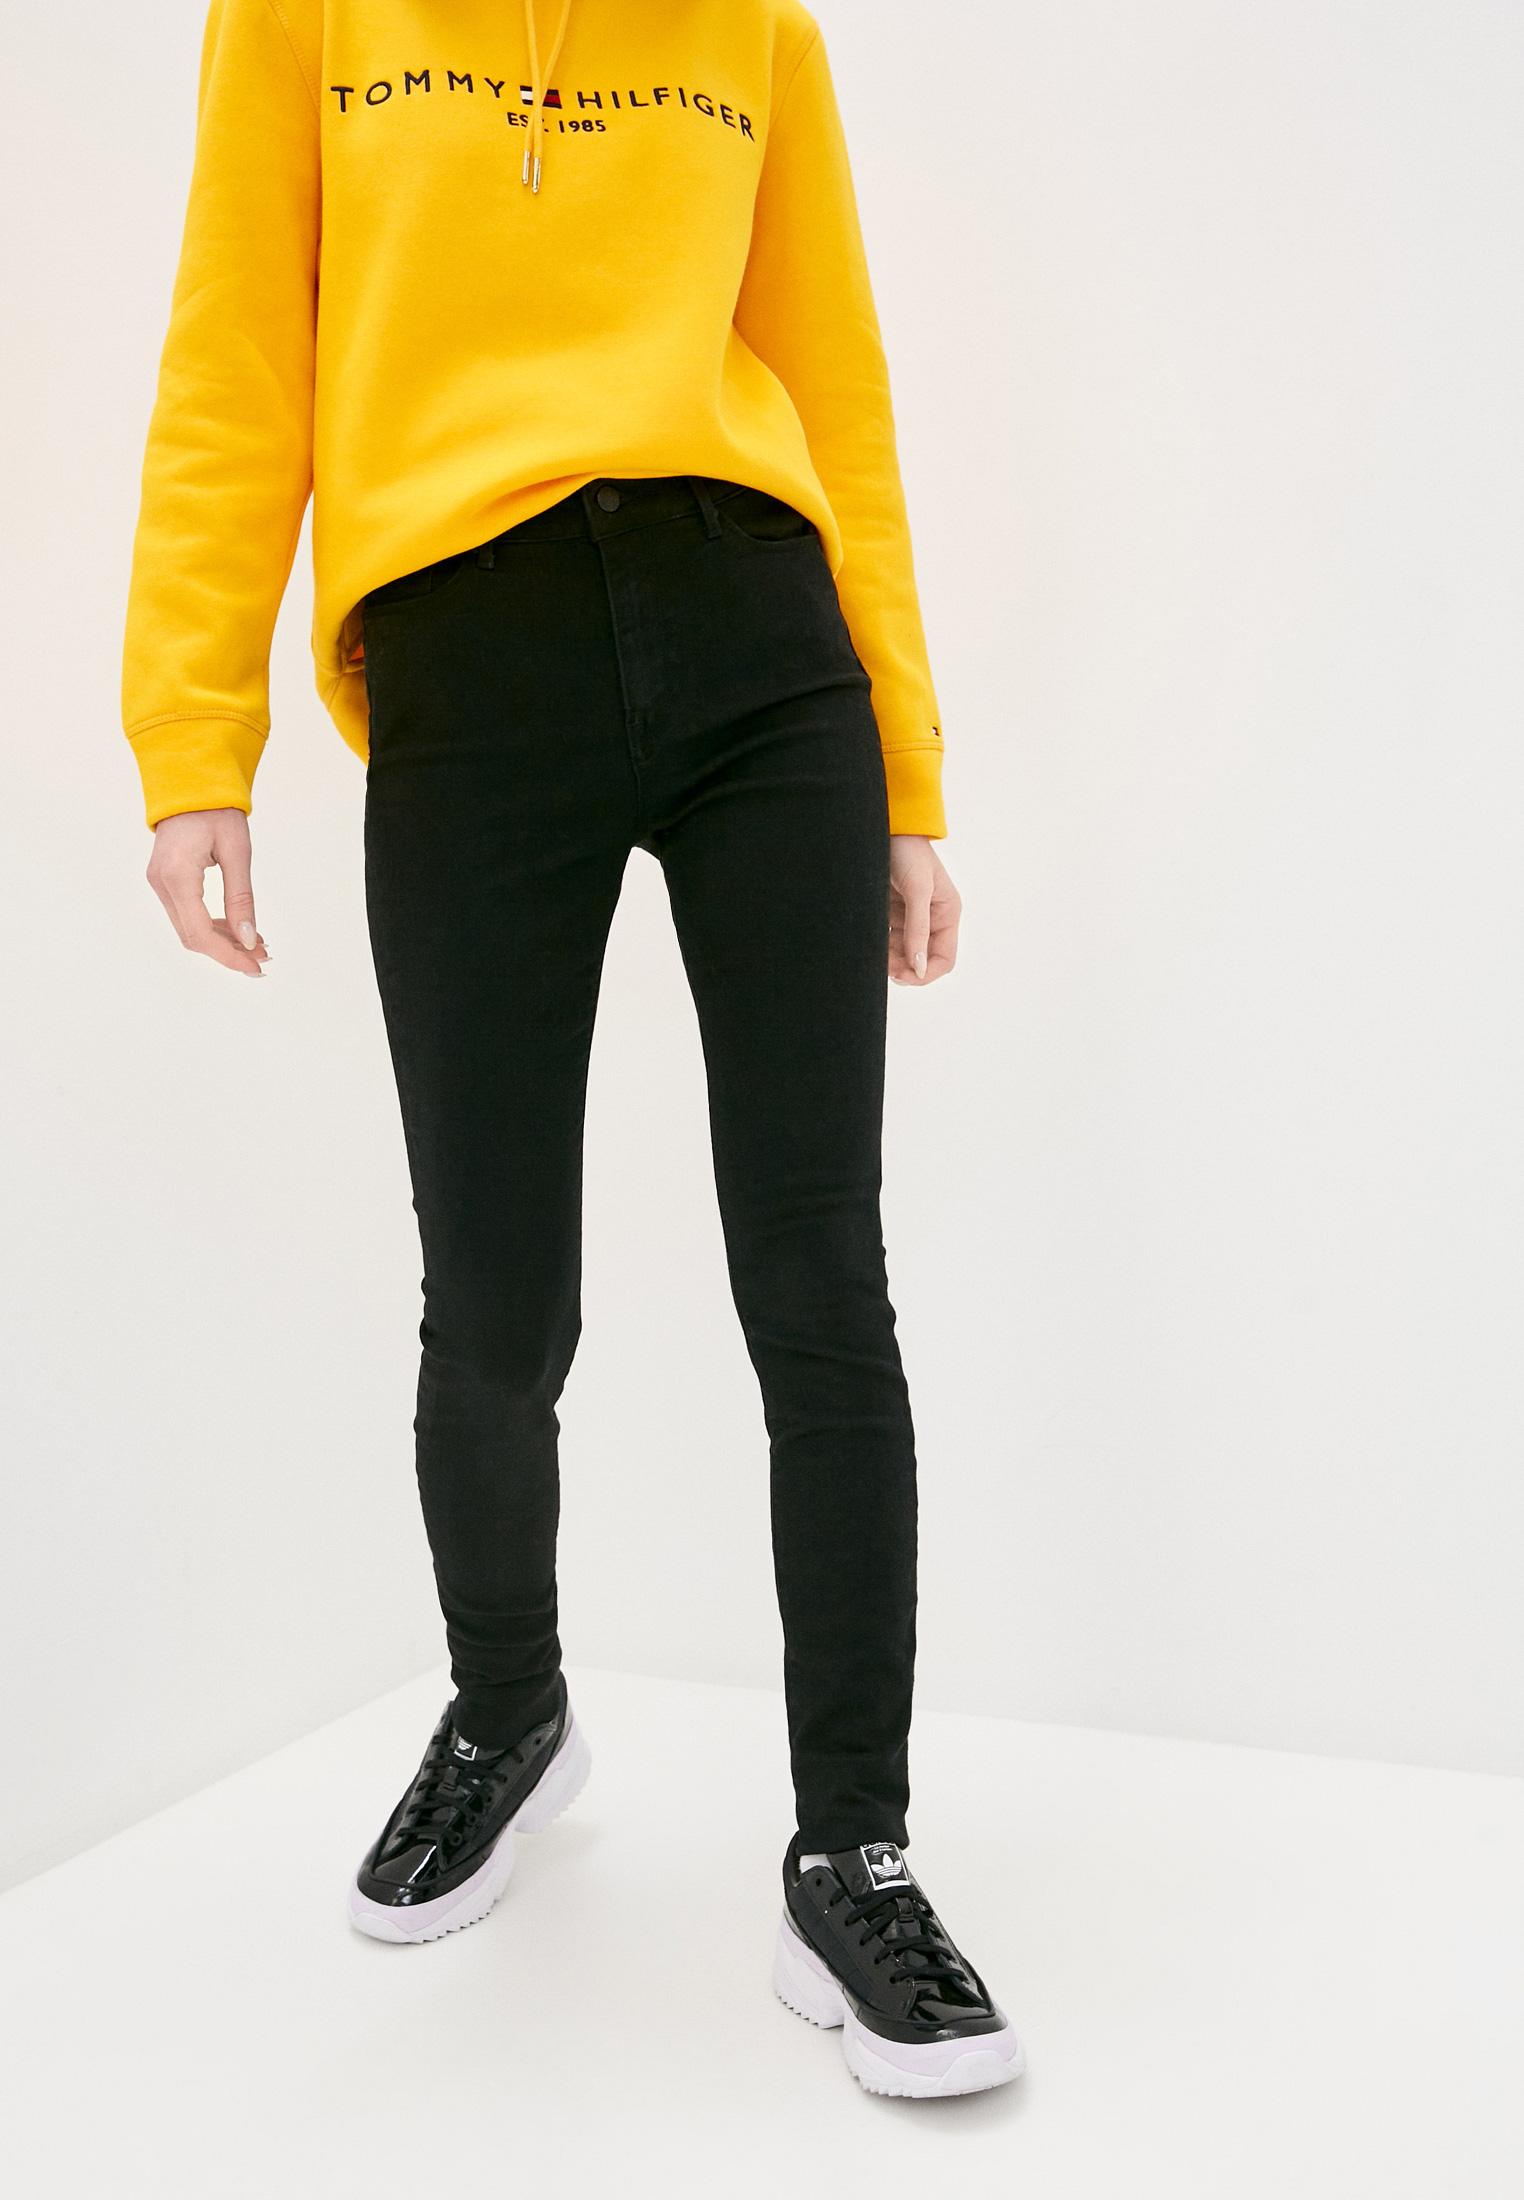 Зауженные джинсы Tommy Hilfiger (Томми Хилфигер) WW0WW26465: изображение 1